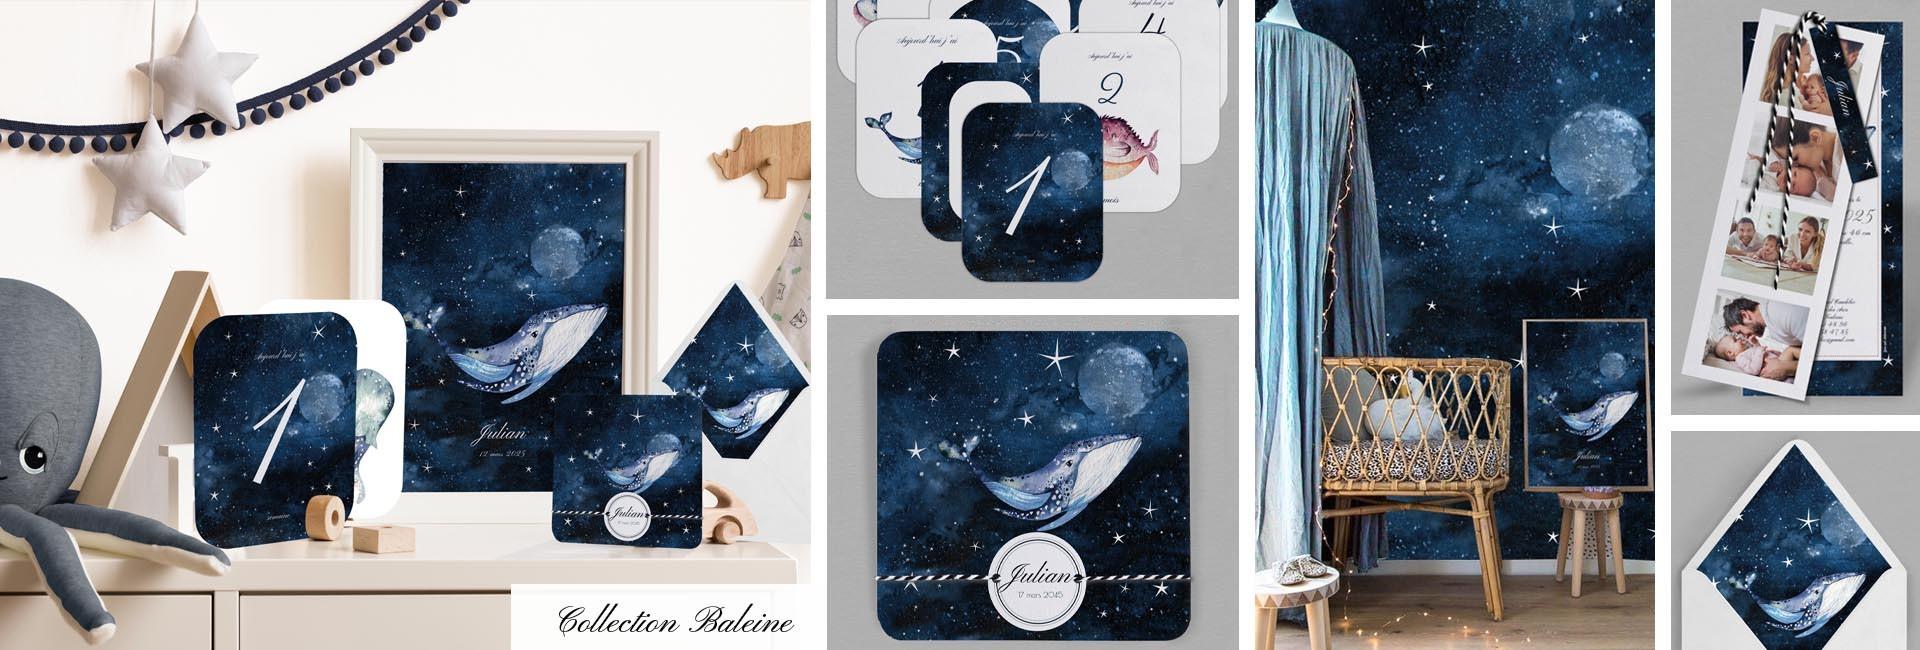 Faire part naissance Collection Baleine